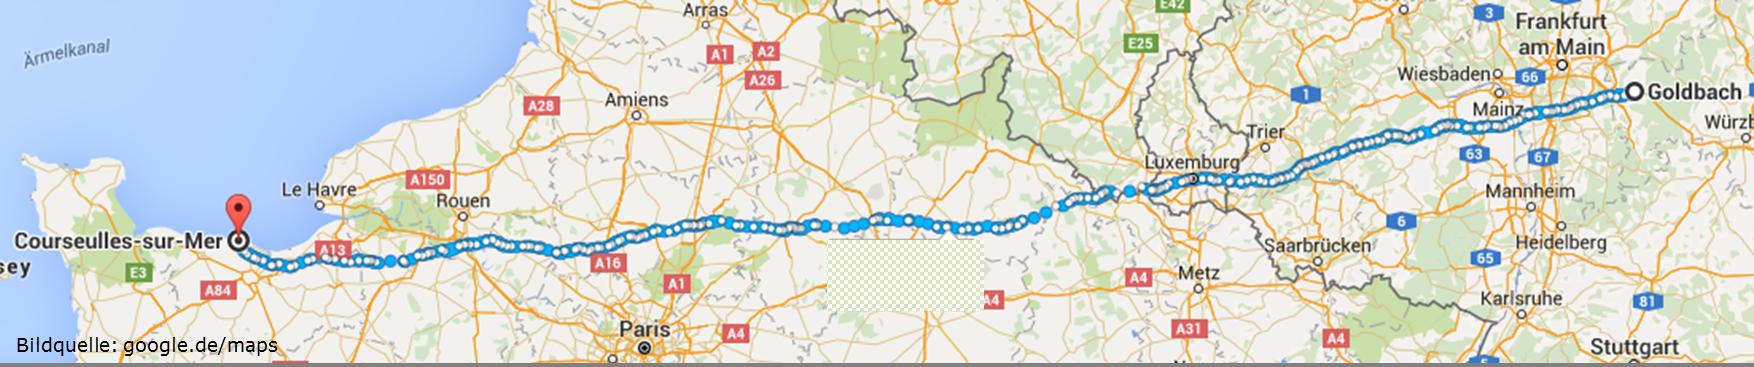 Bildquelle: google.de/maps